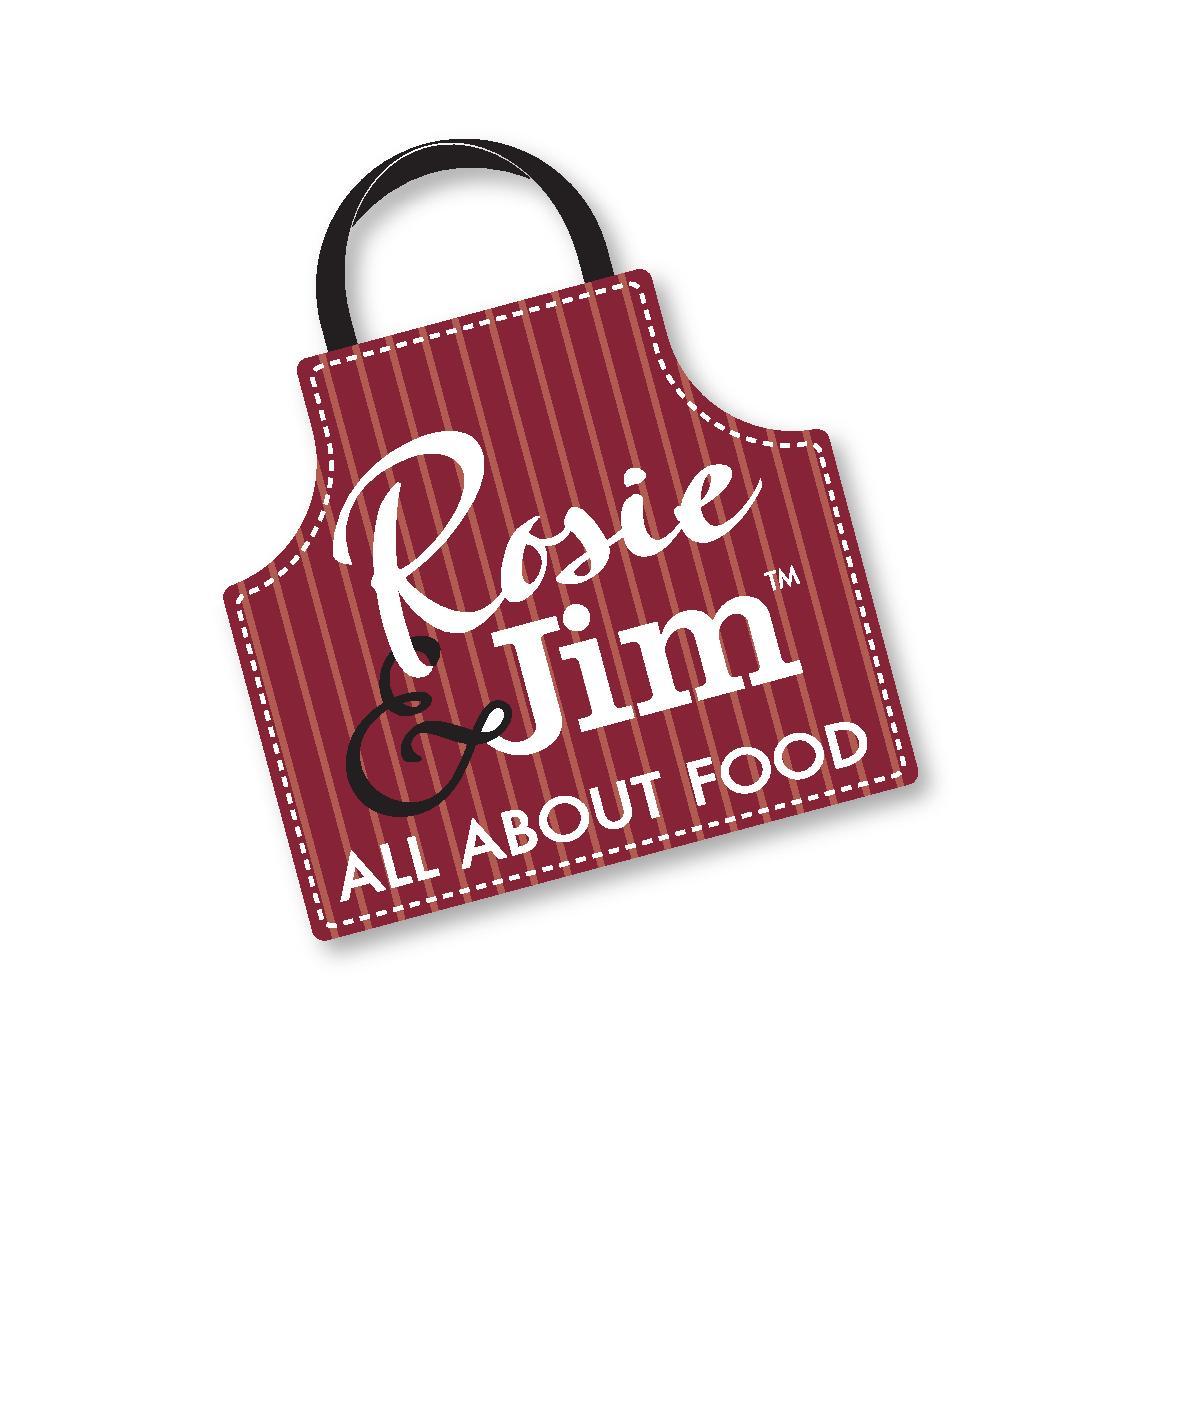 Image of Rosie & Jim logotype